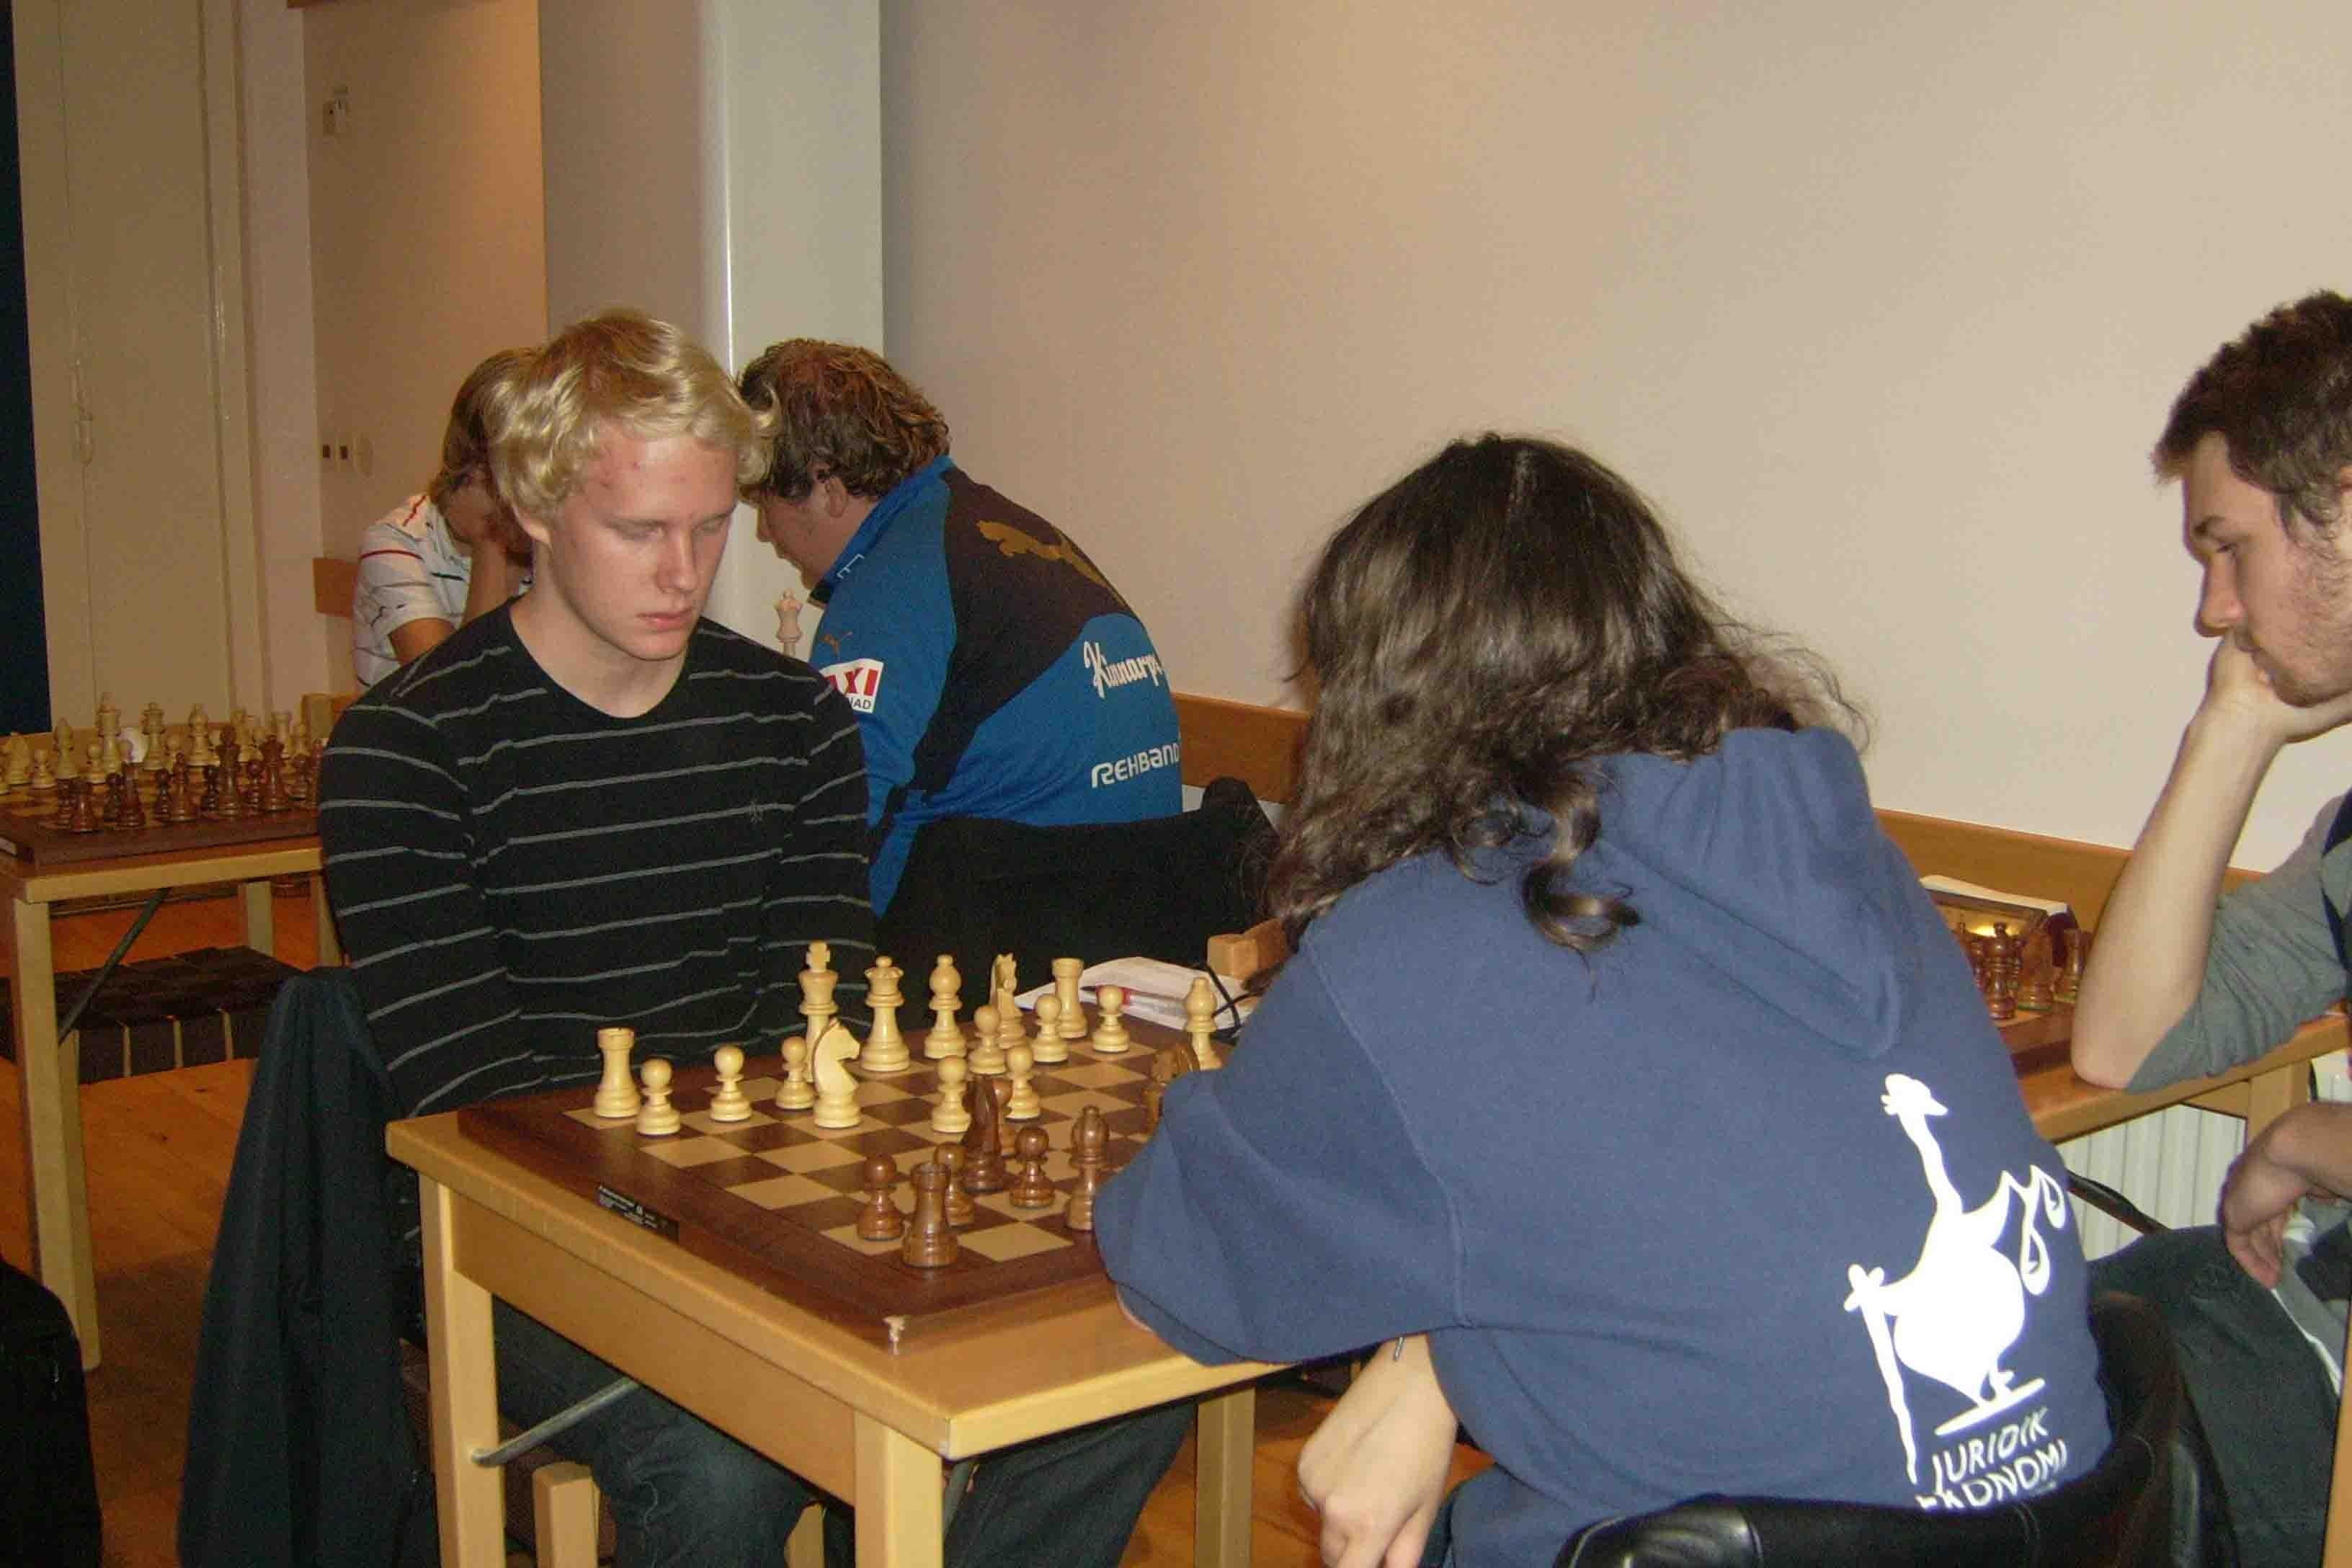 Alexander Heino kom nia i äldsta klassen efter remi med mersmak mot 700 poäng högre rankade Inna Agrest